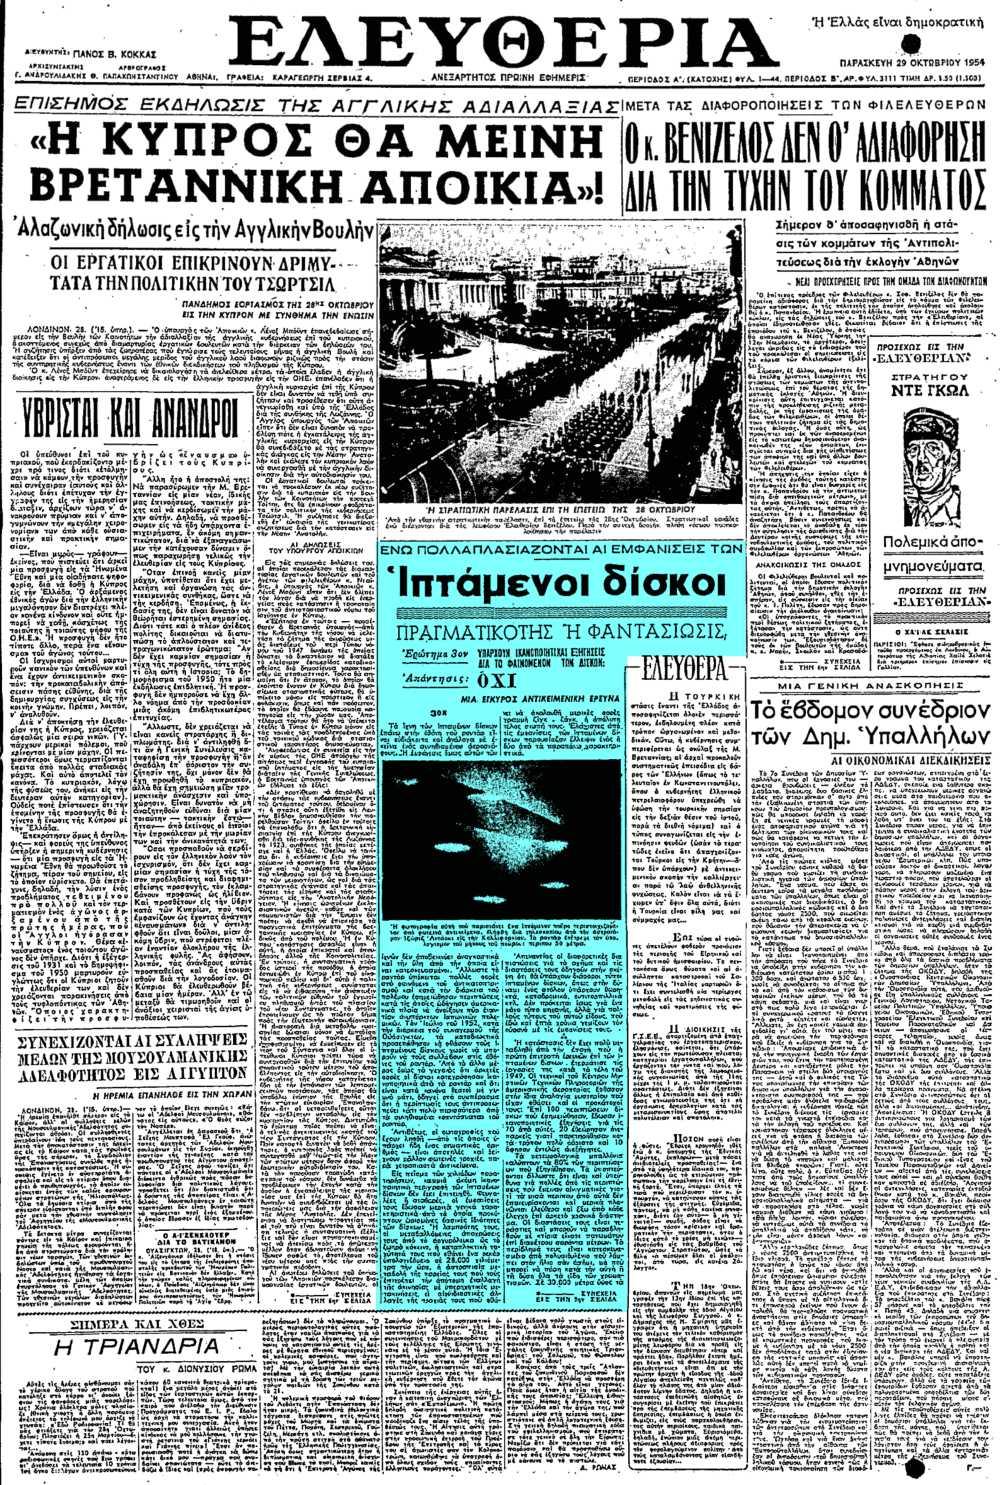 """Το άρθρο, όπως δημοσιεύθηκε στην εφημερίδα """"ΕΛΕΥΘΕΡΙΑ"""", στις 29/10/1954"""